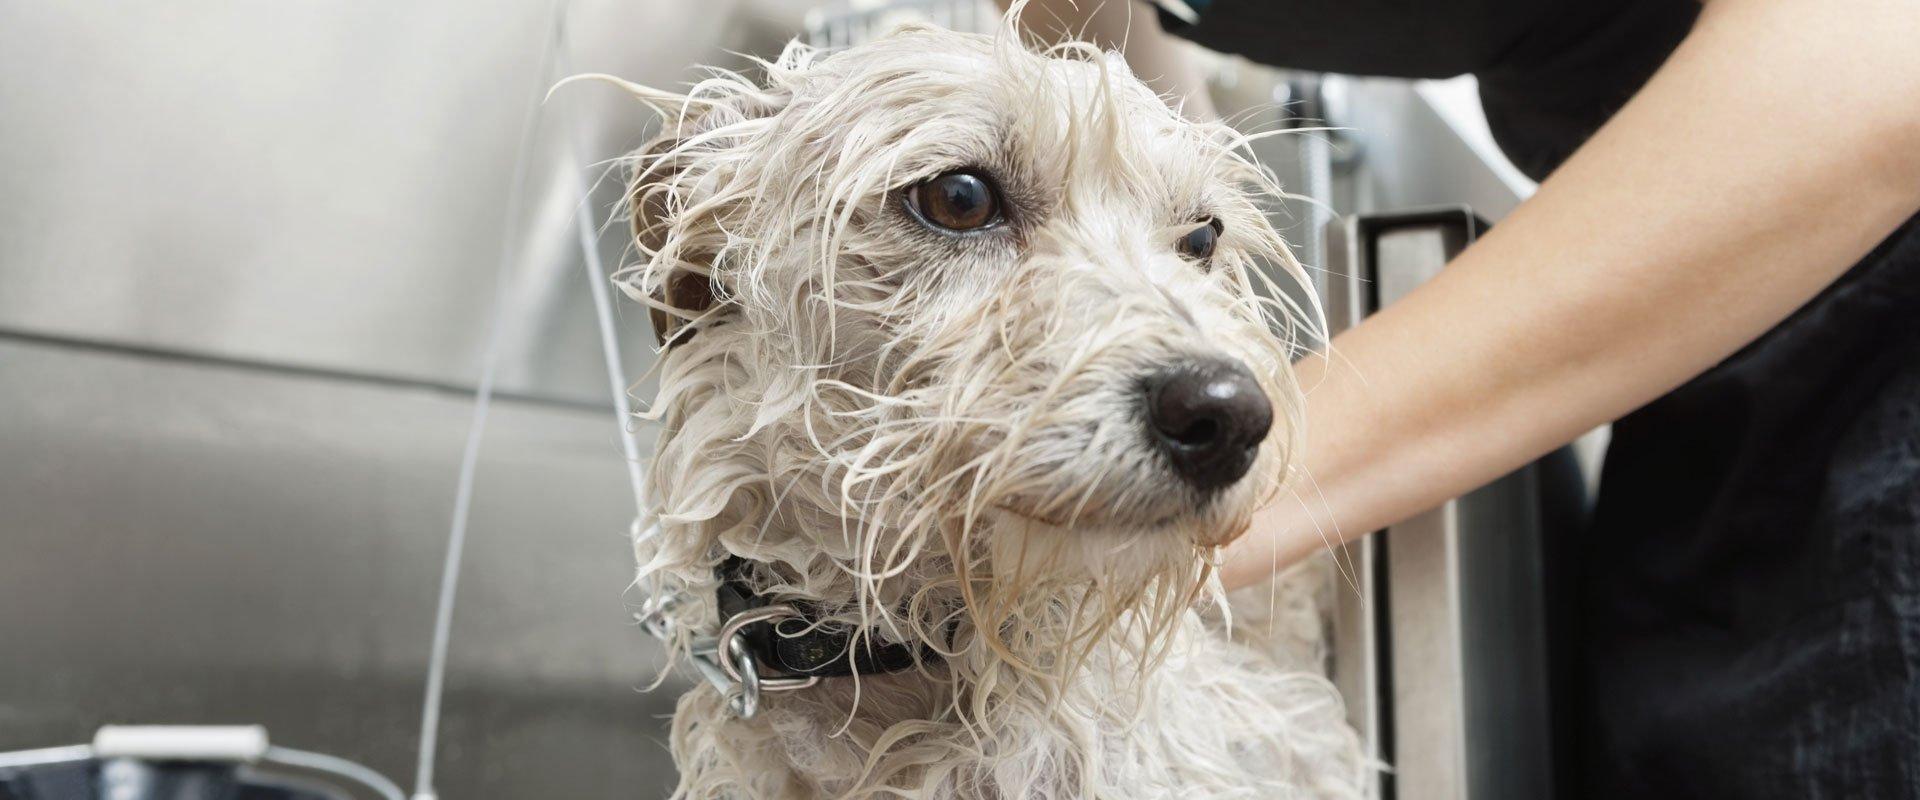 after dog wash